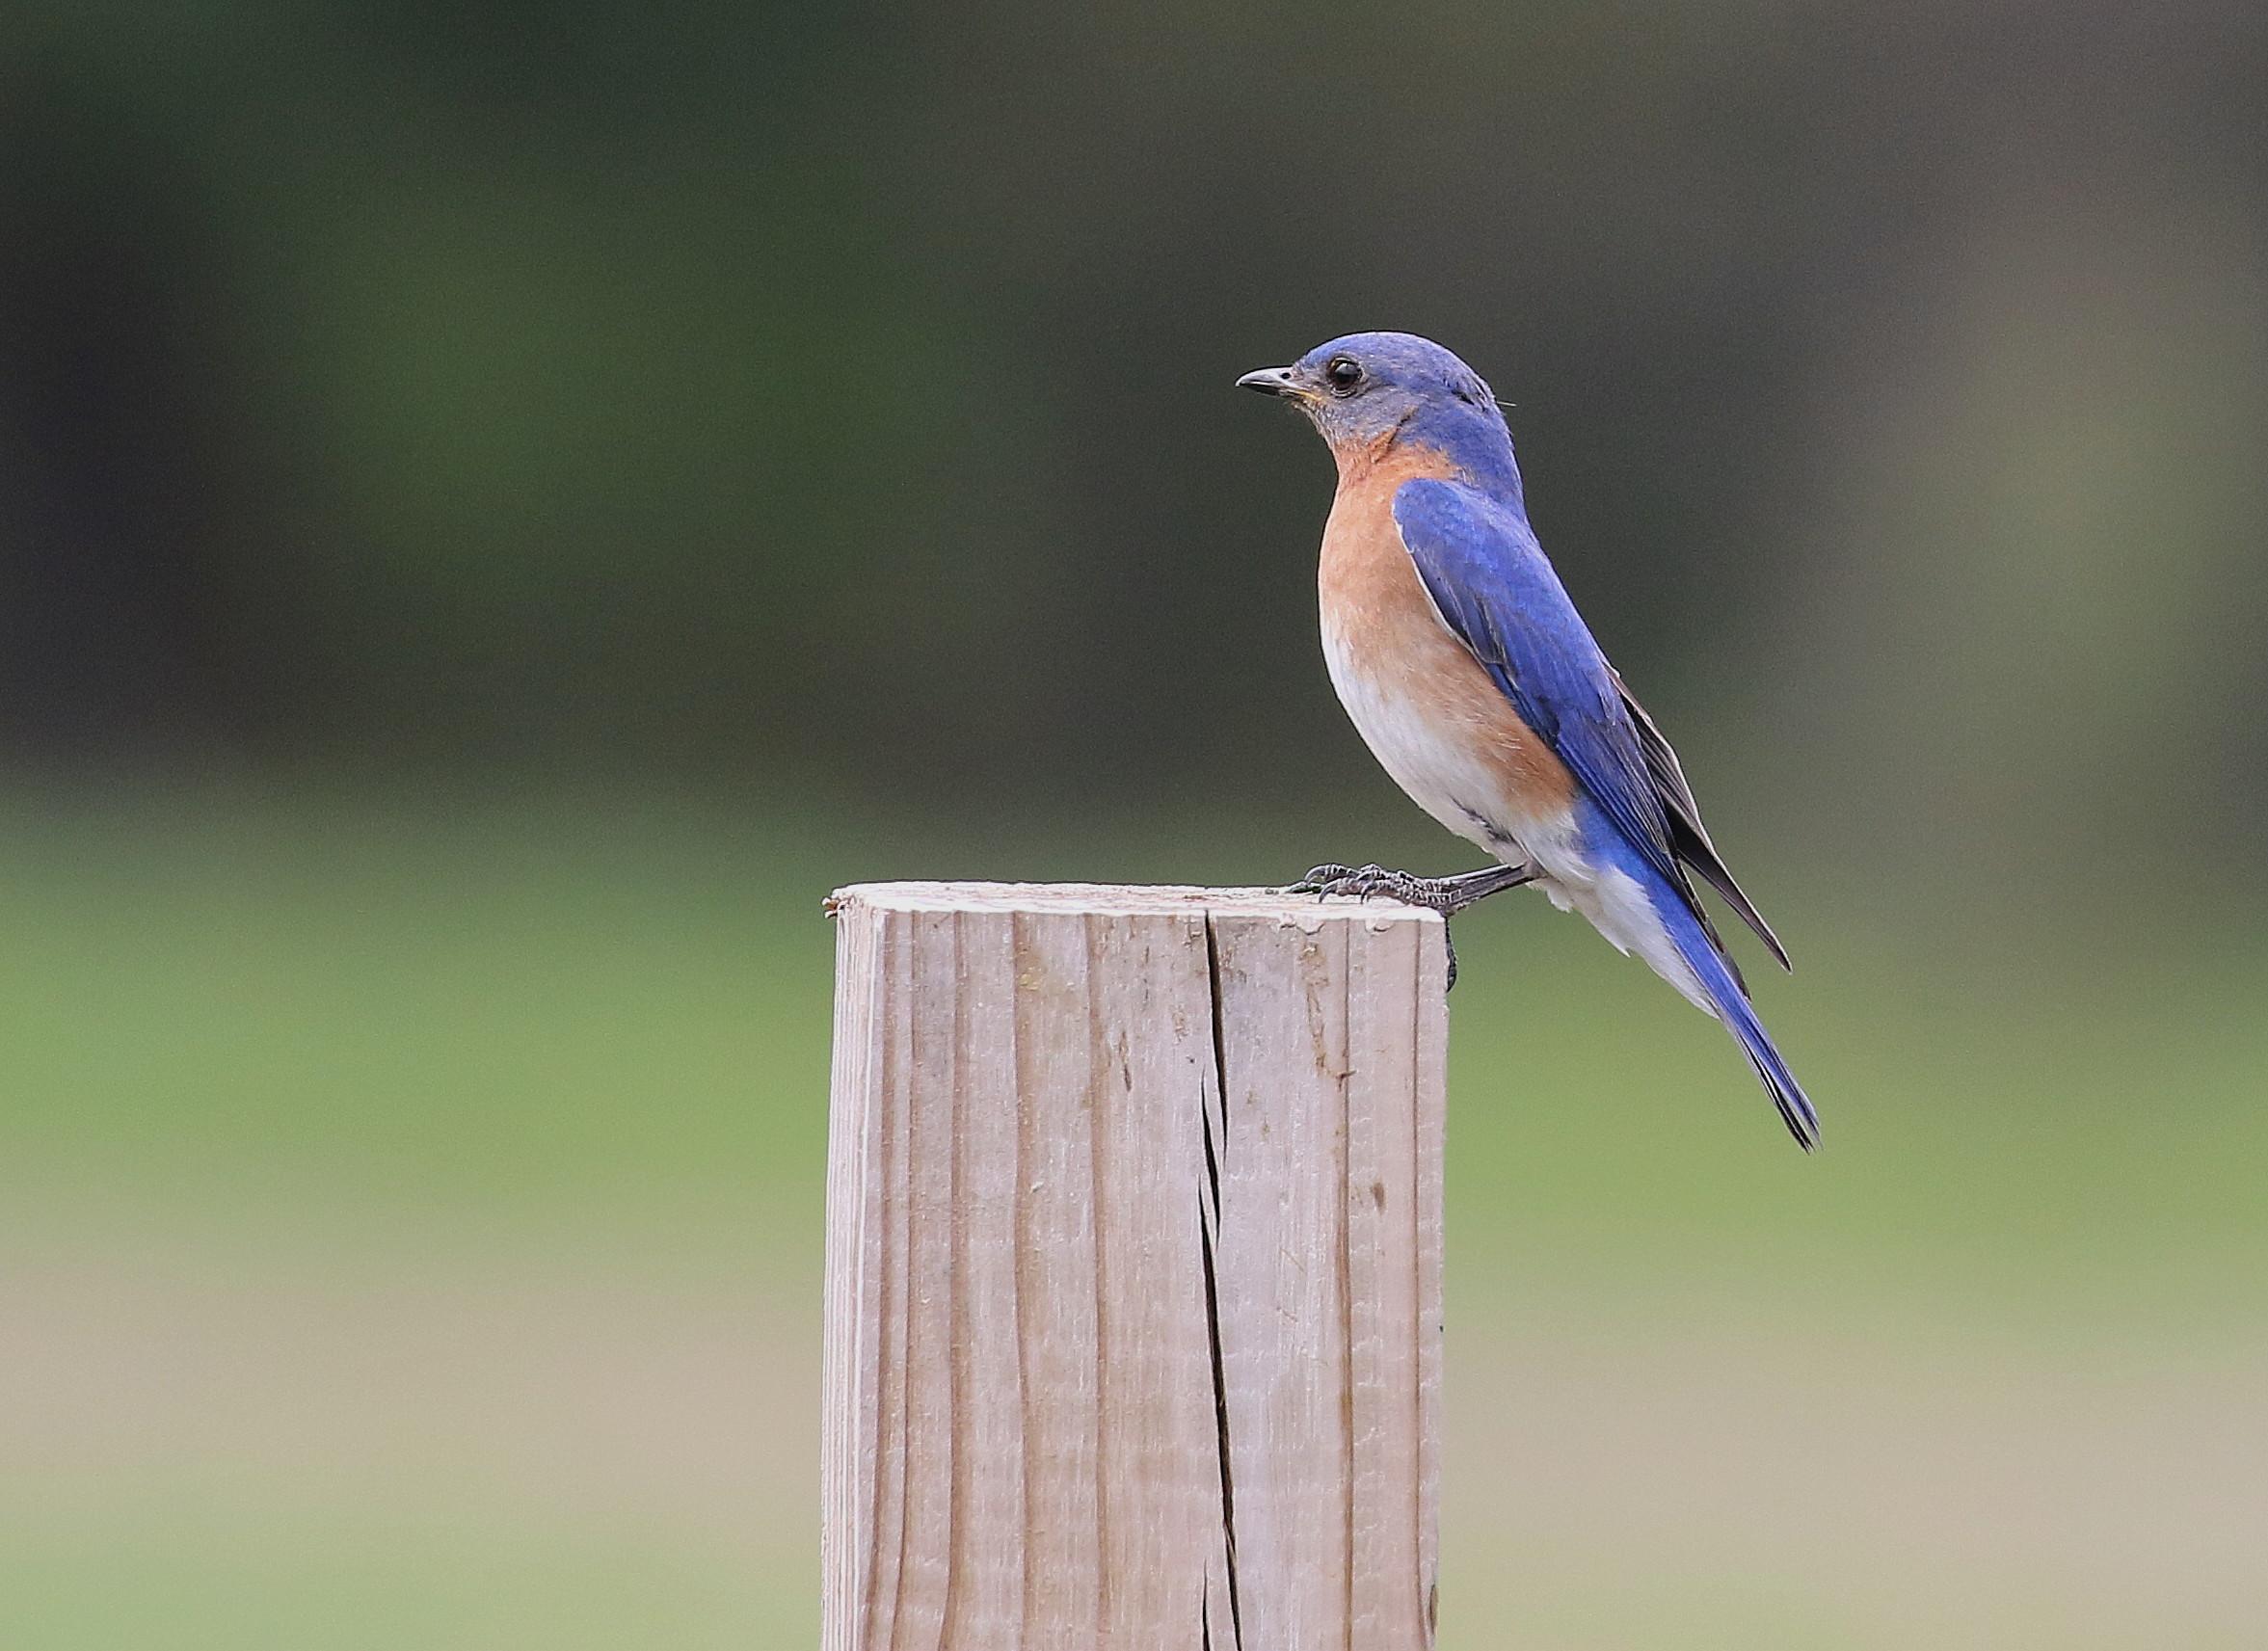 N96A0121 bluebird at 40